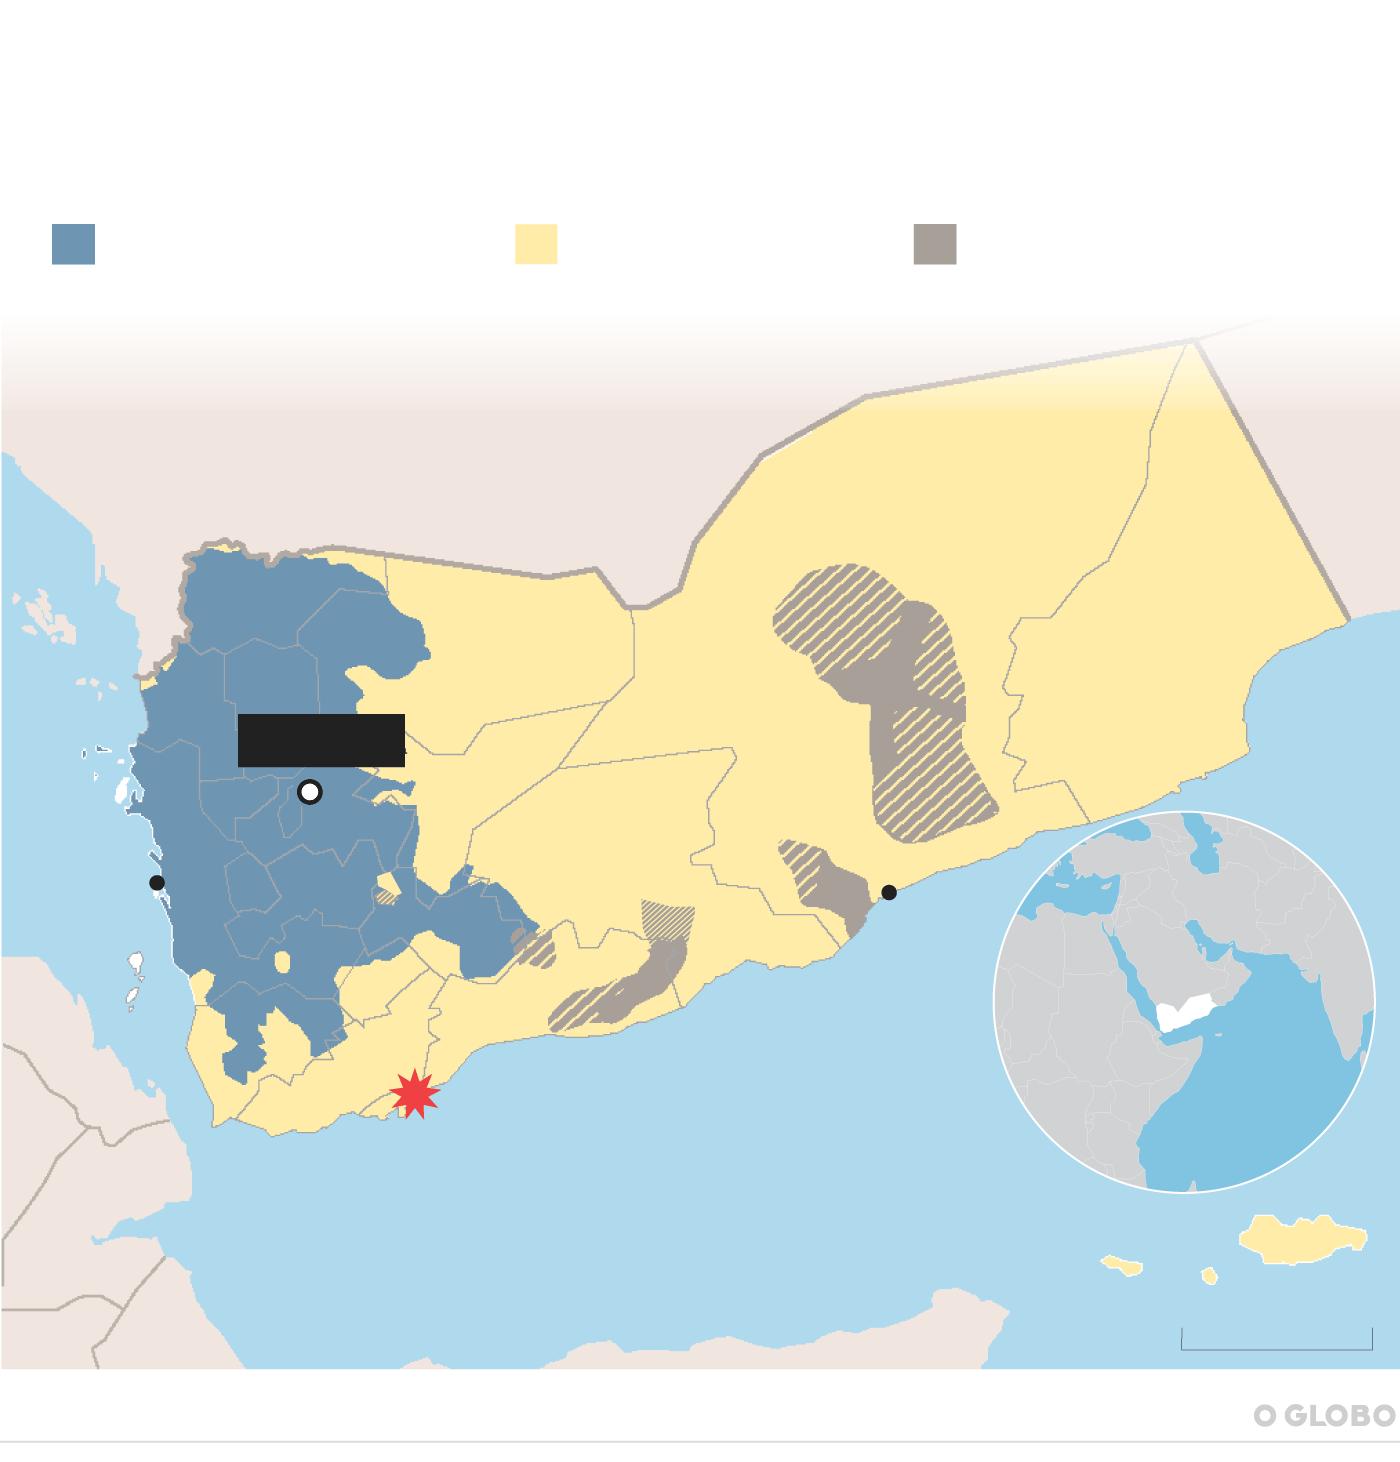 Forças separatistas tomaram controlo da sede transitória do Governo — Iémen